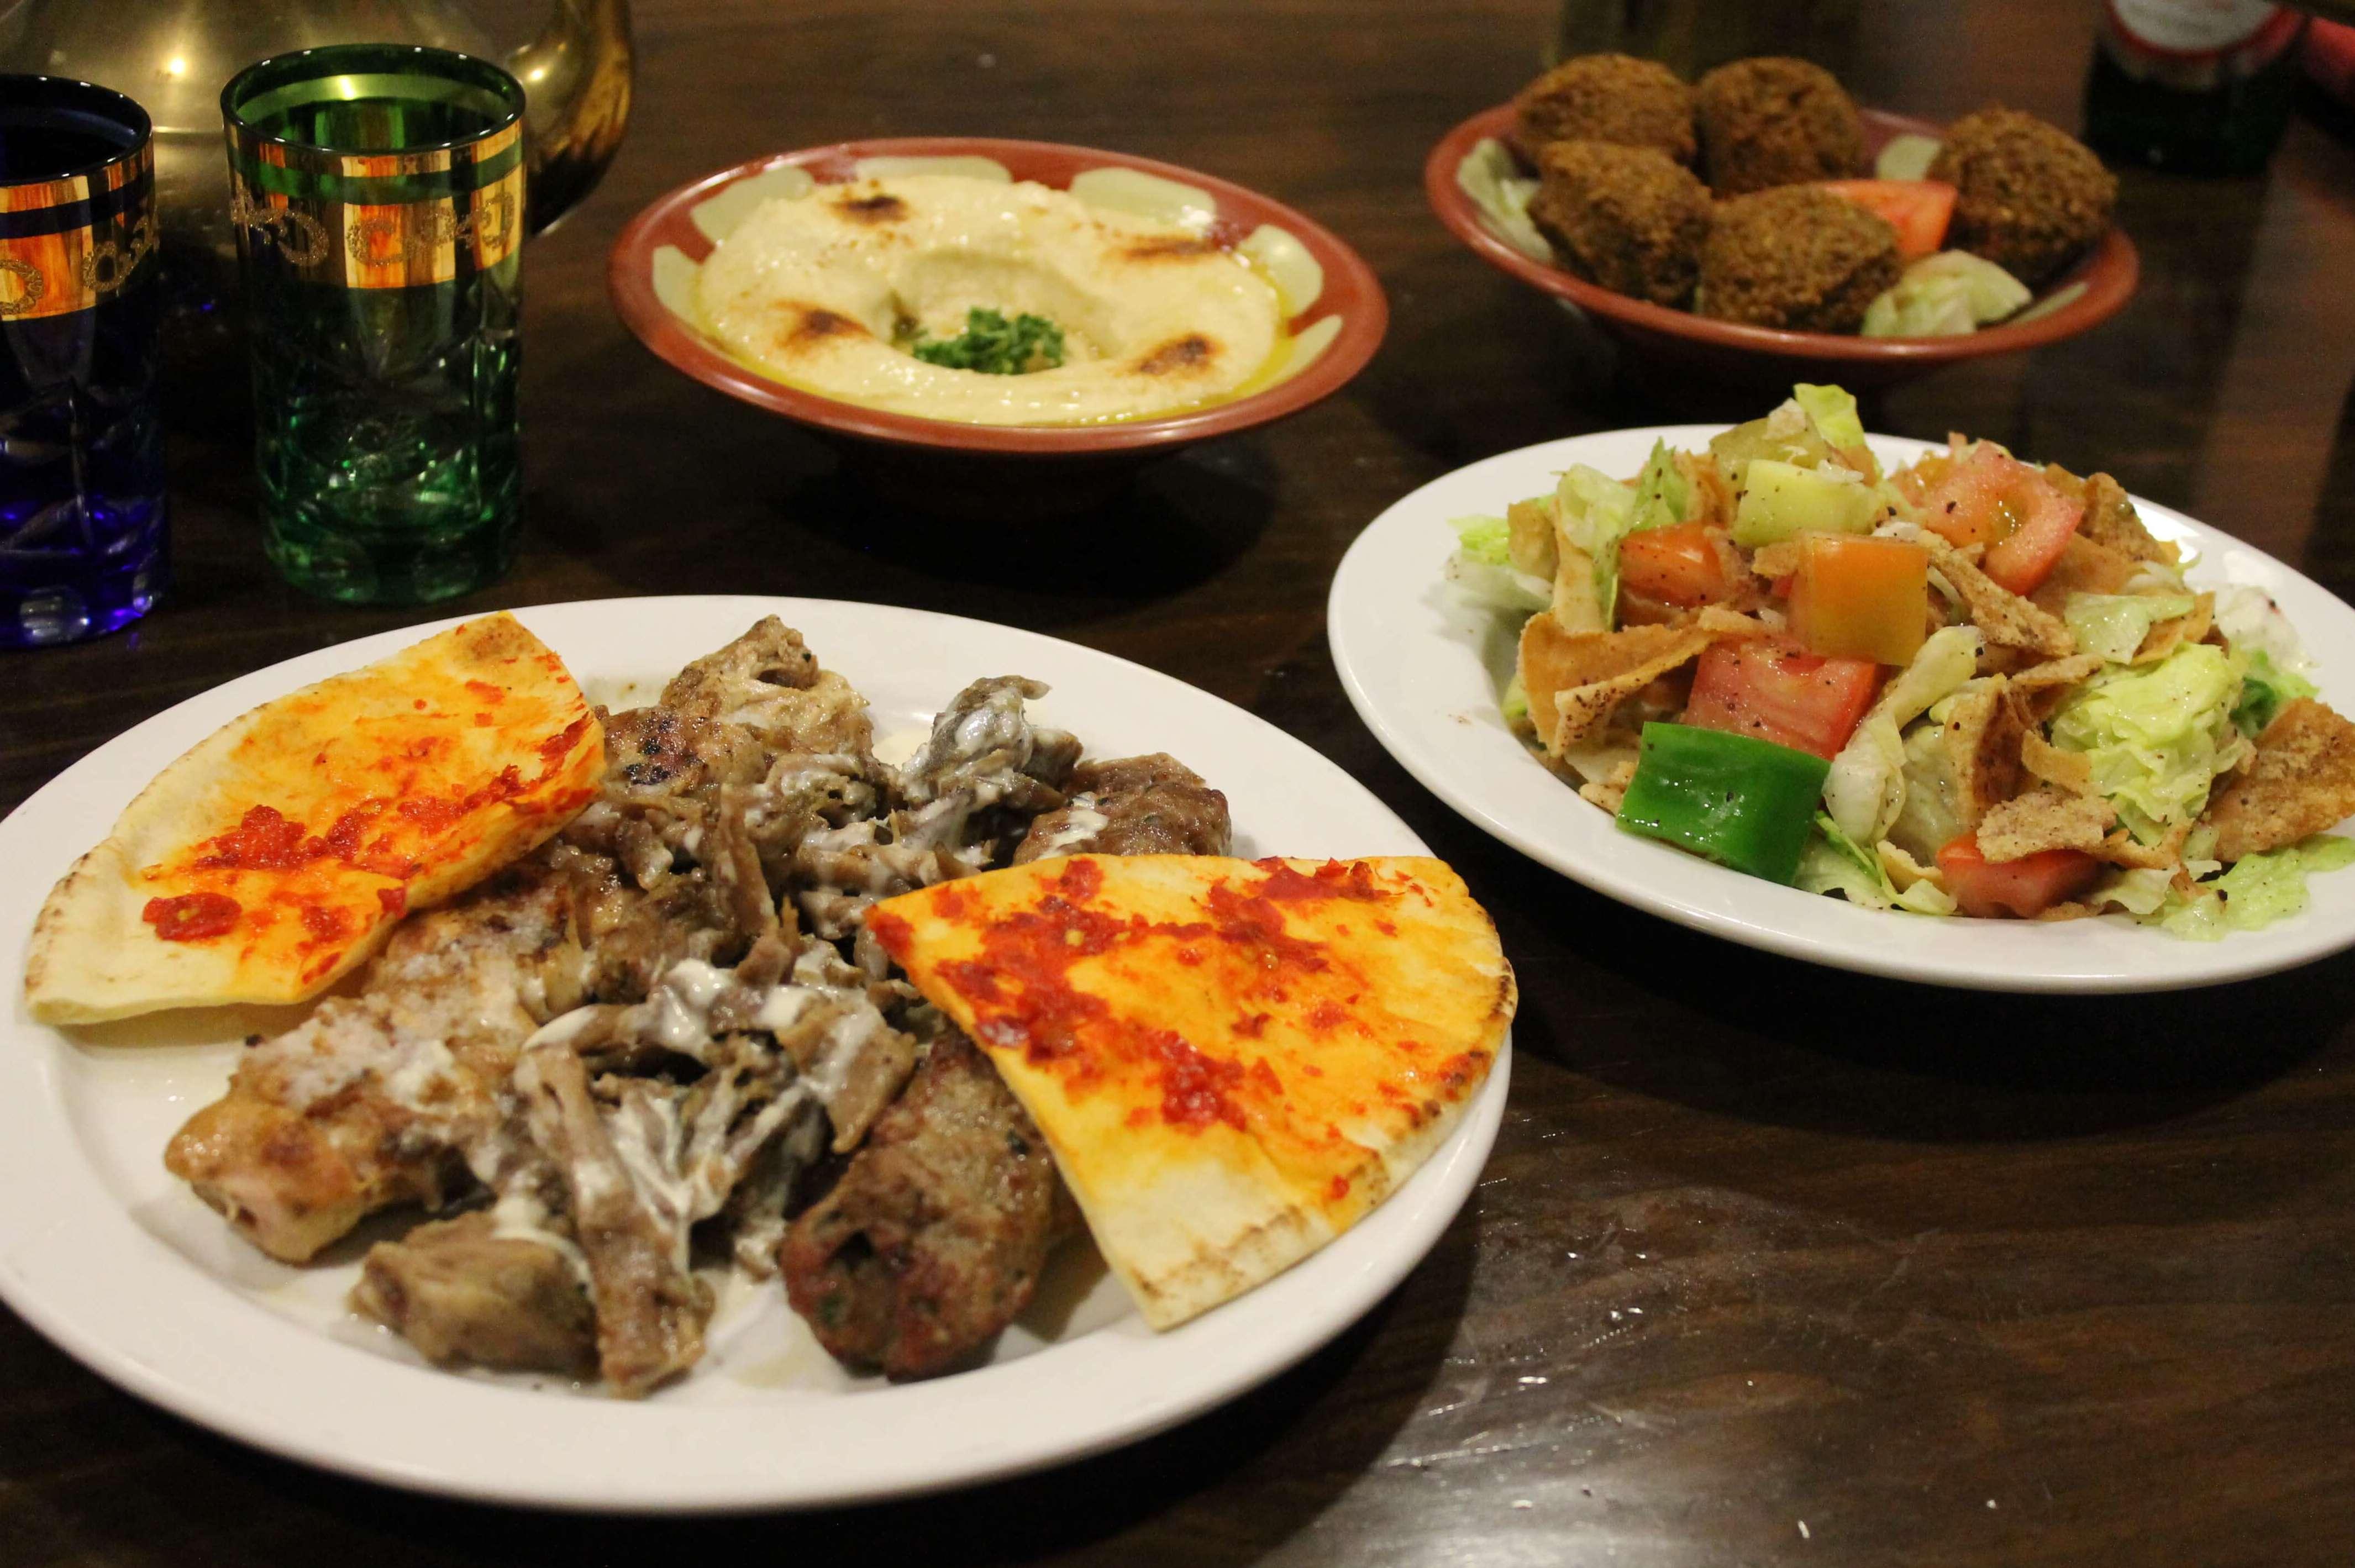 Pincho variado, falafel, hummus, ensalada fatush - Restaurante Mataró - Les Mil i Una Nits